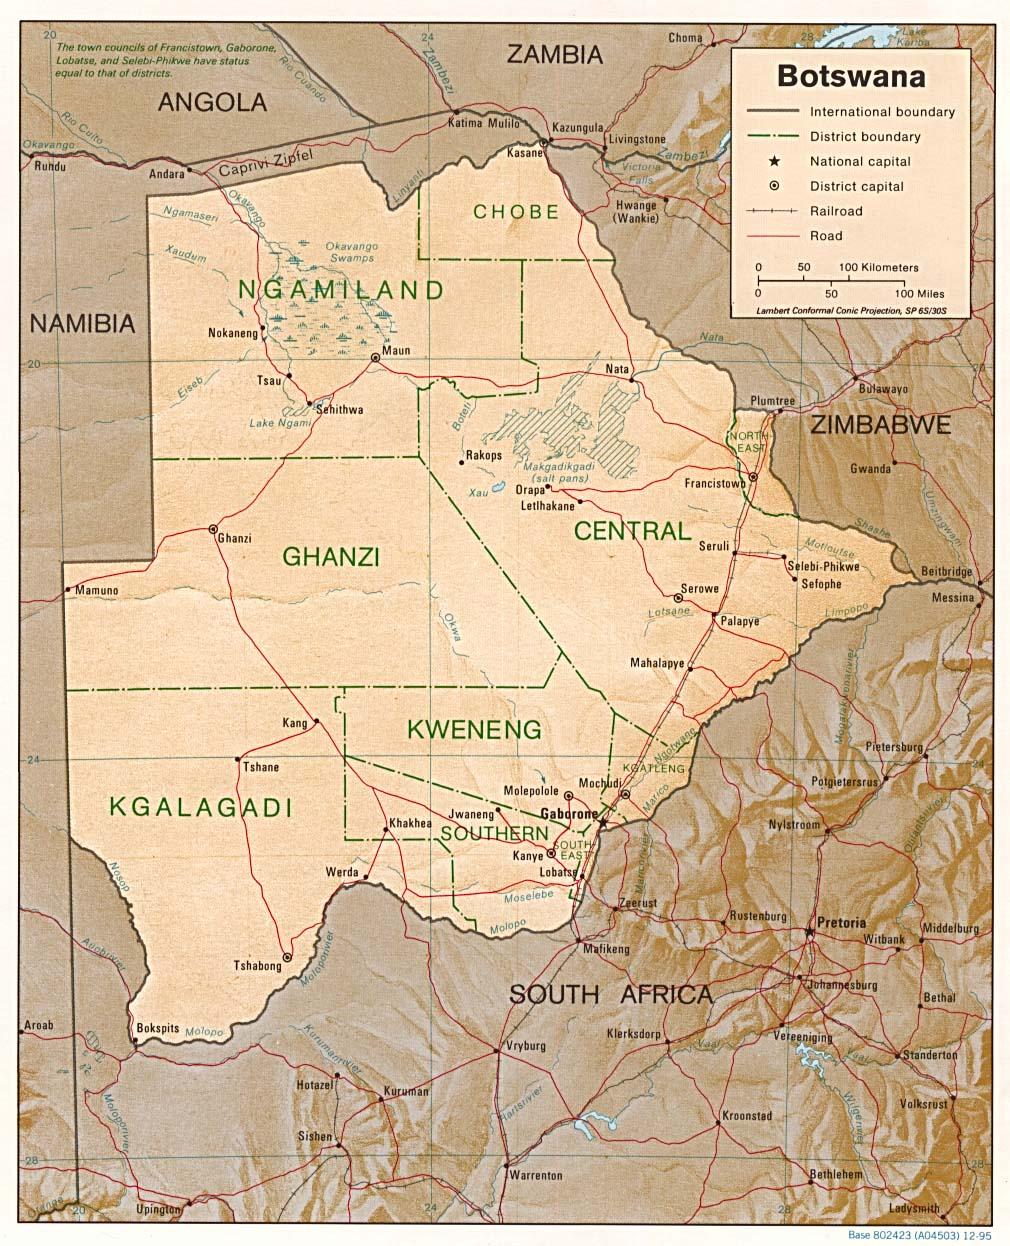 Botswana_Map.jpg